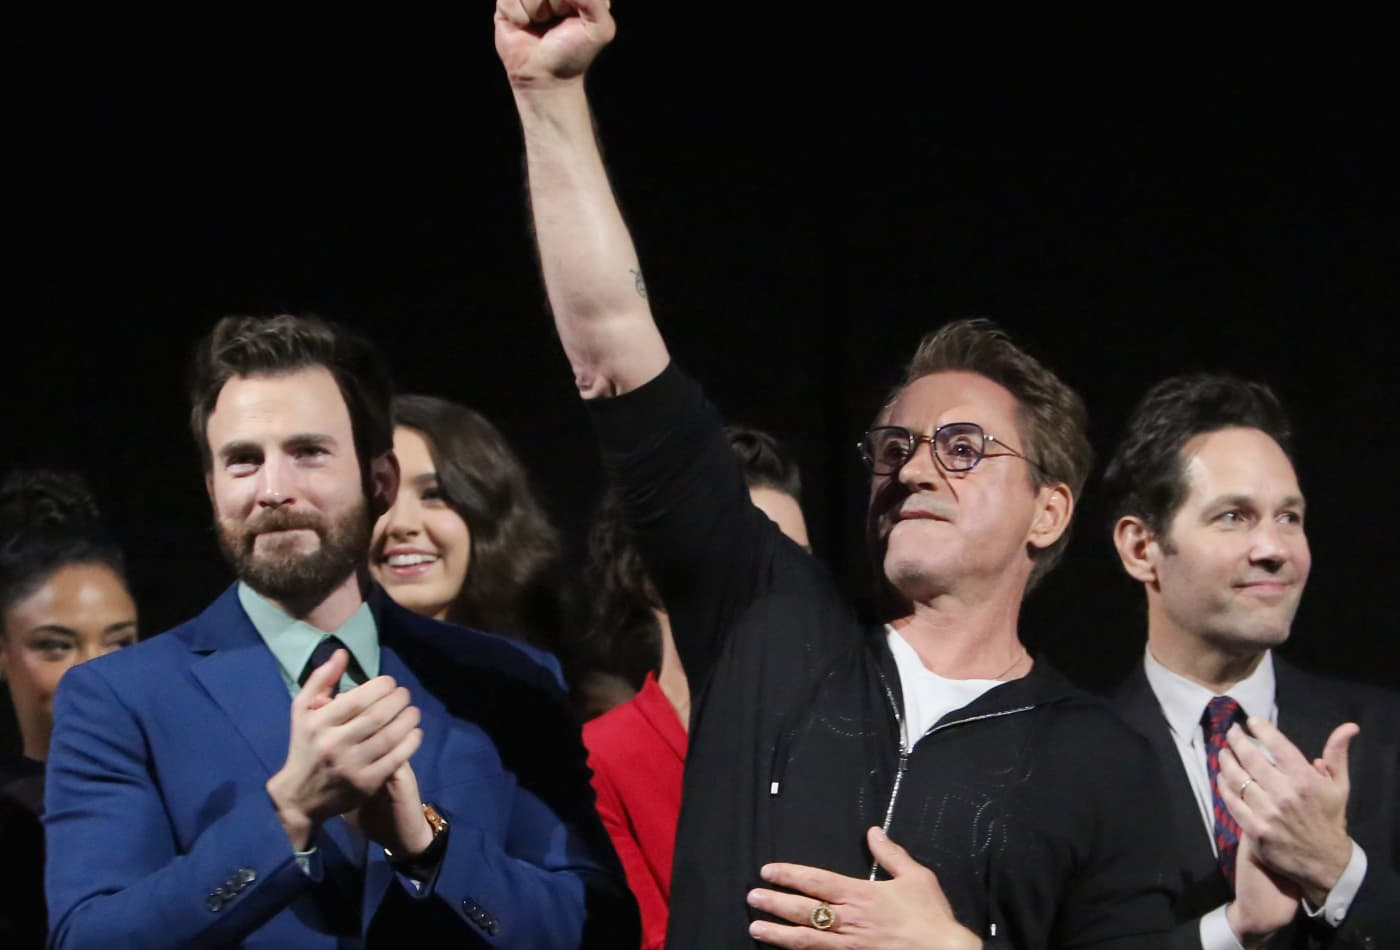 'Avengers: Endgame' is now the highest-grossing film of all time, dethroning 'Avatar'